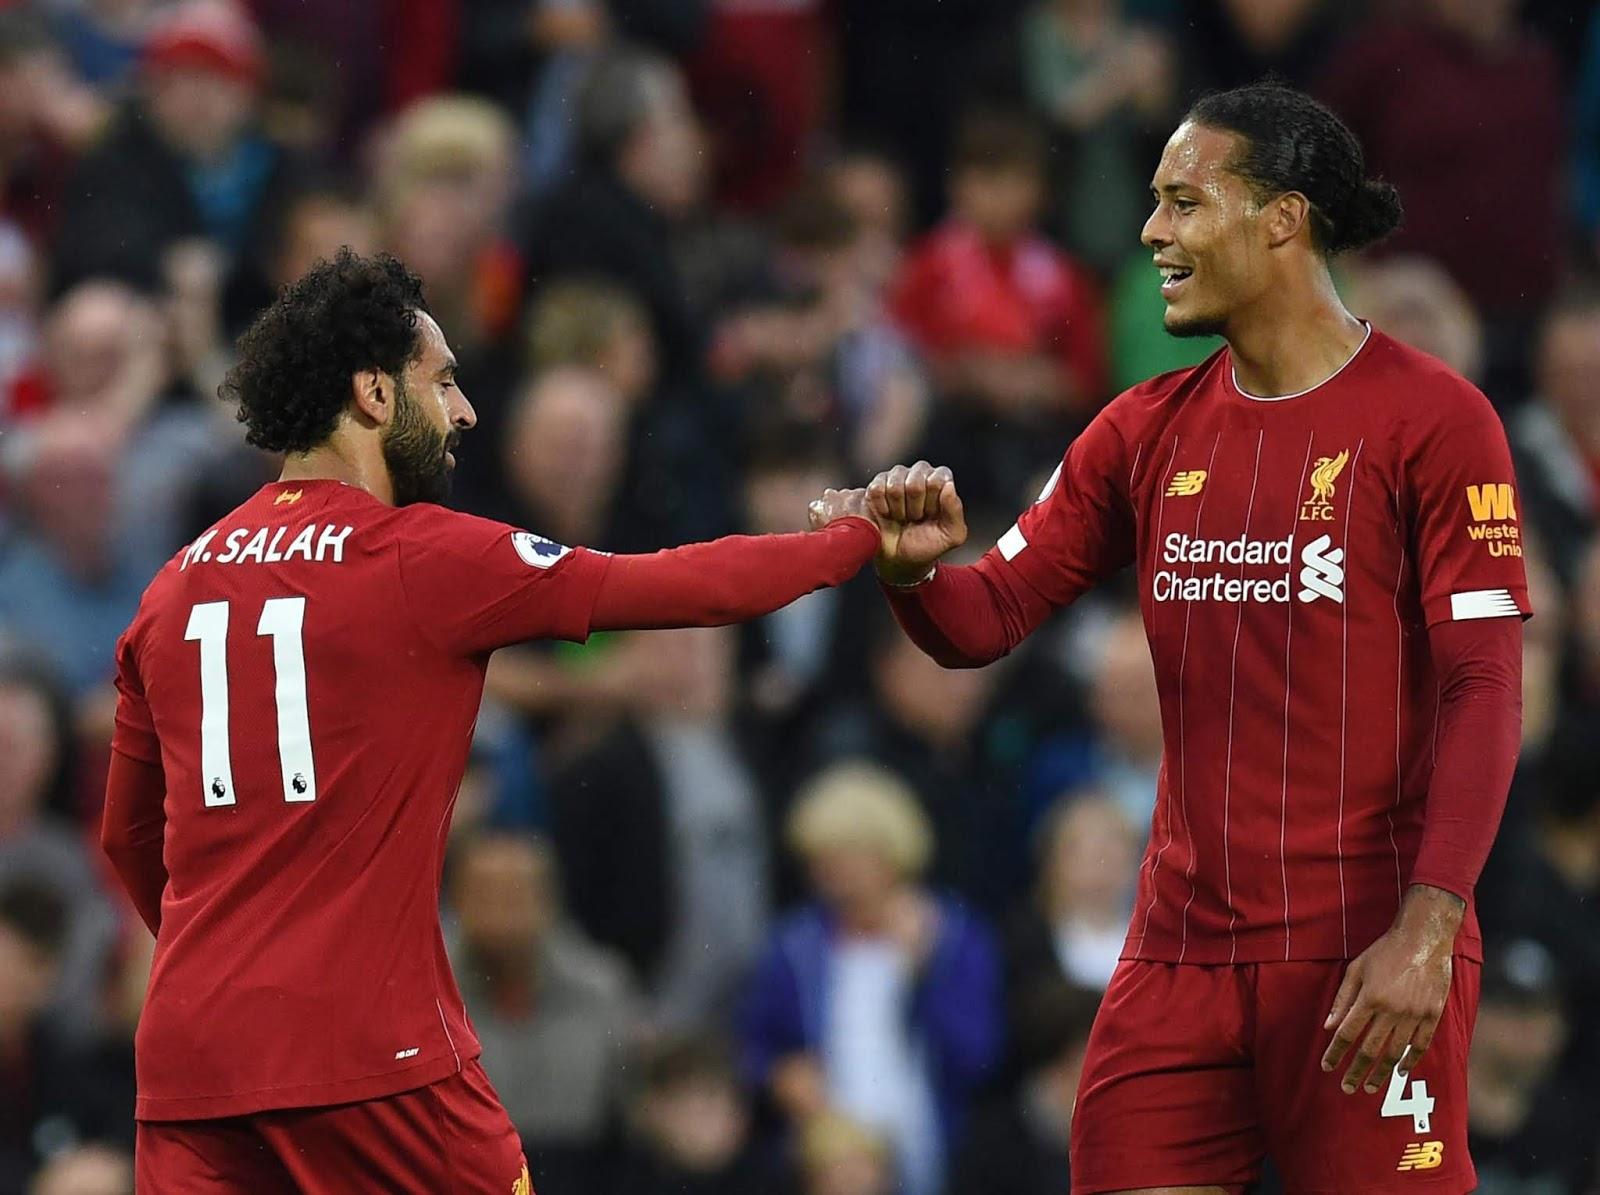 Liverpool vs Southampton: 11 consecutive wins: Liverpool beat Southampton